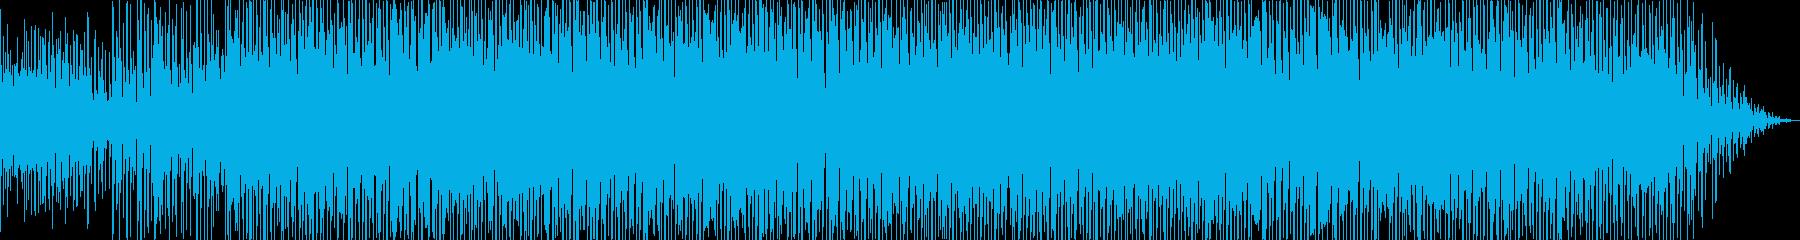 Joy Of Rhythm の再生済みの波形